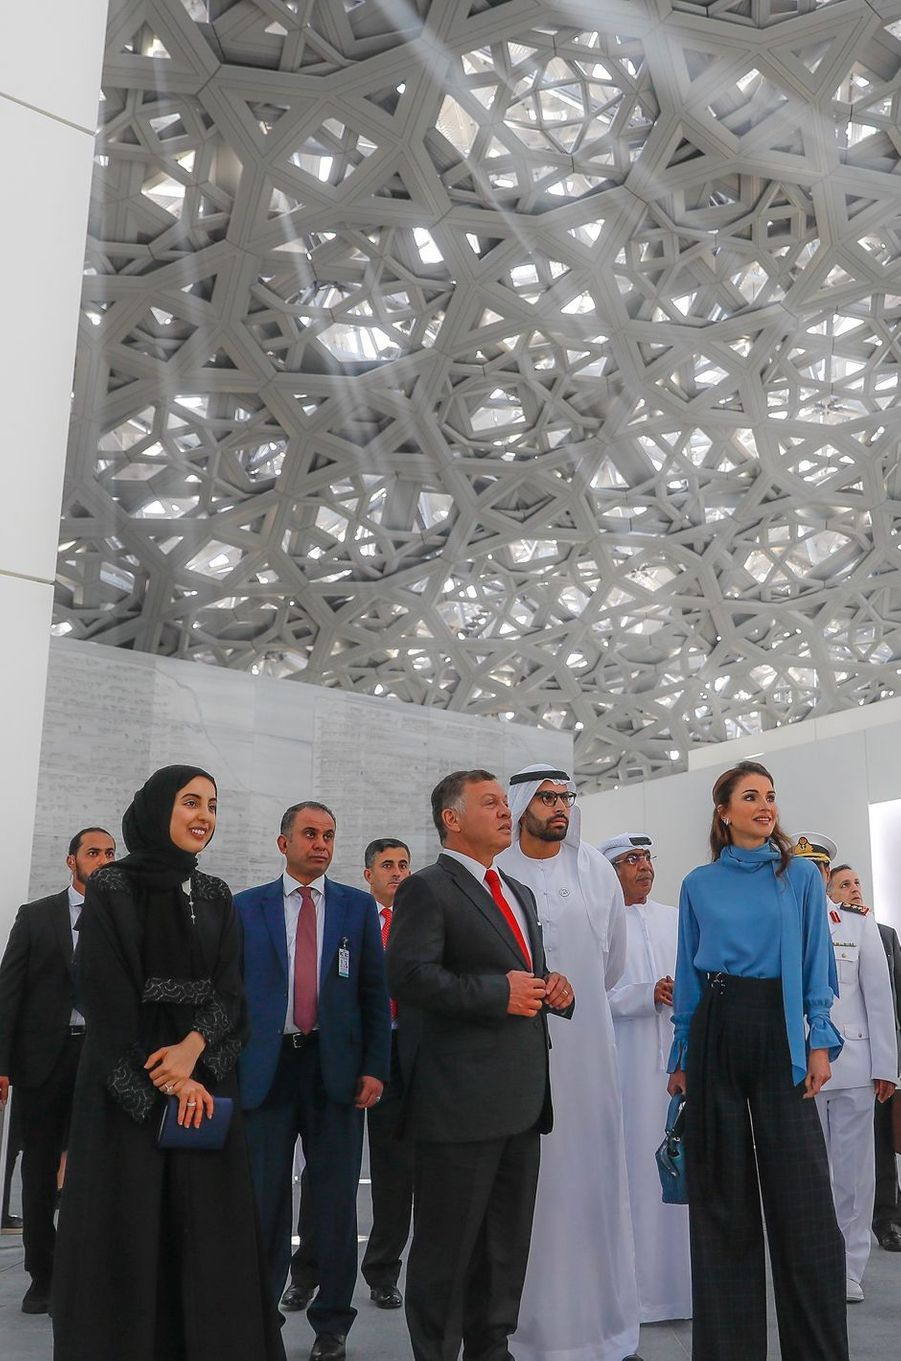 La reine Rania et le roi Abdallah II de Jordanie visitent le Louvre Abu Dhabi, le 8 février 2018